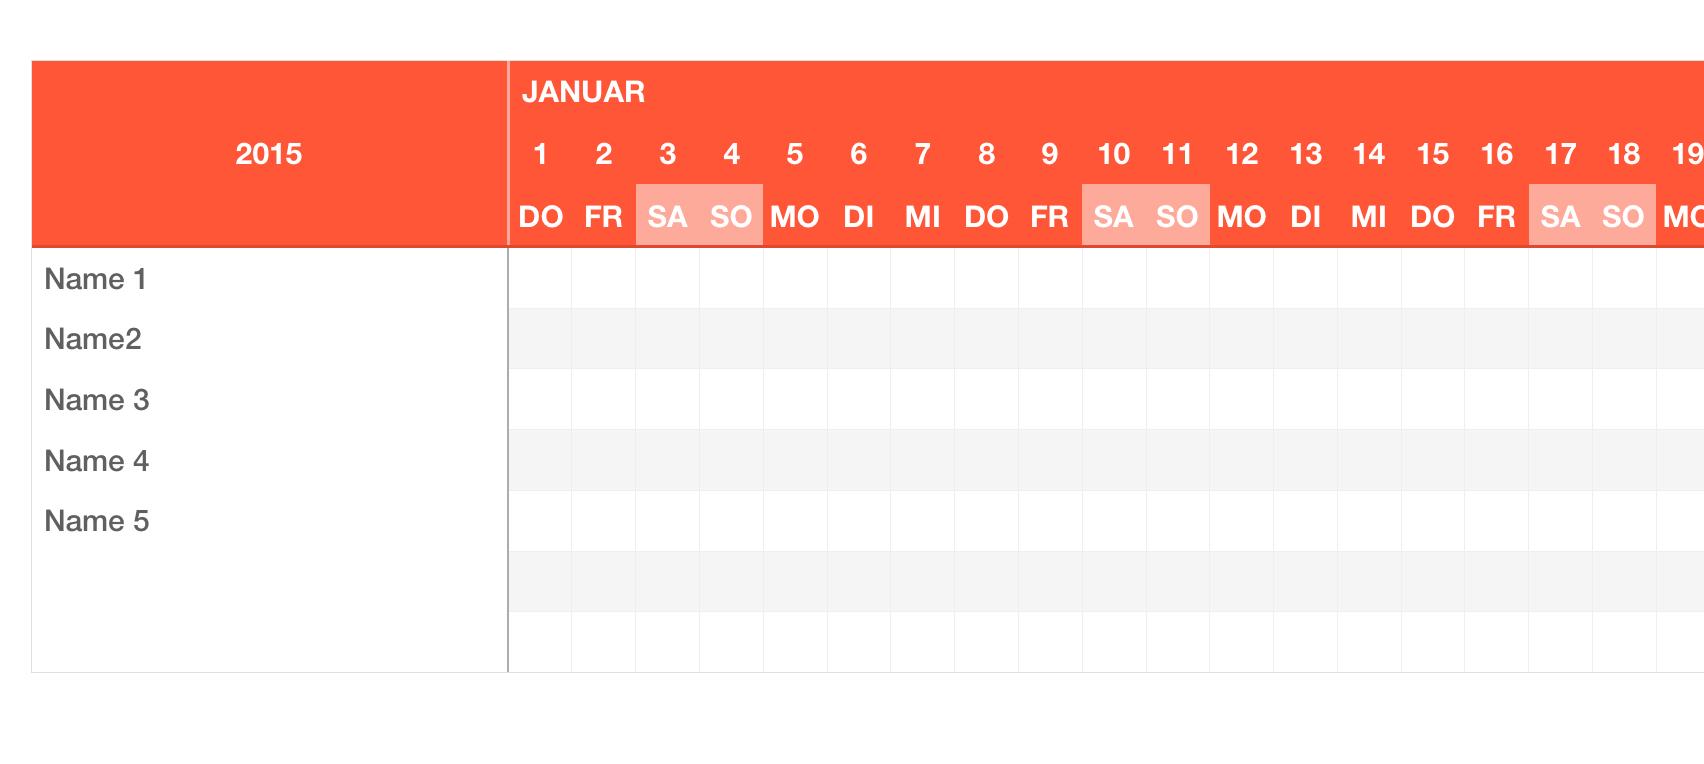 Numbers Vorlage Urlaubsplaner 2015 | Numbersvorlagen.de